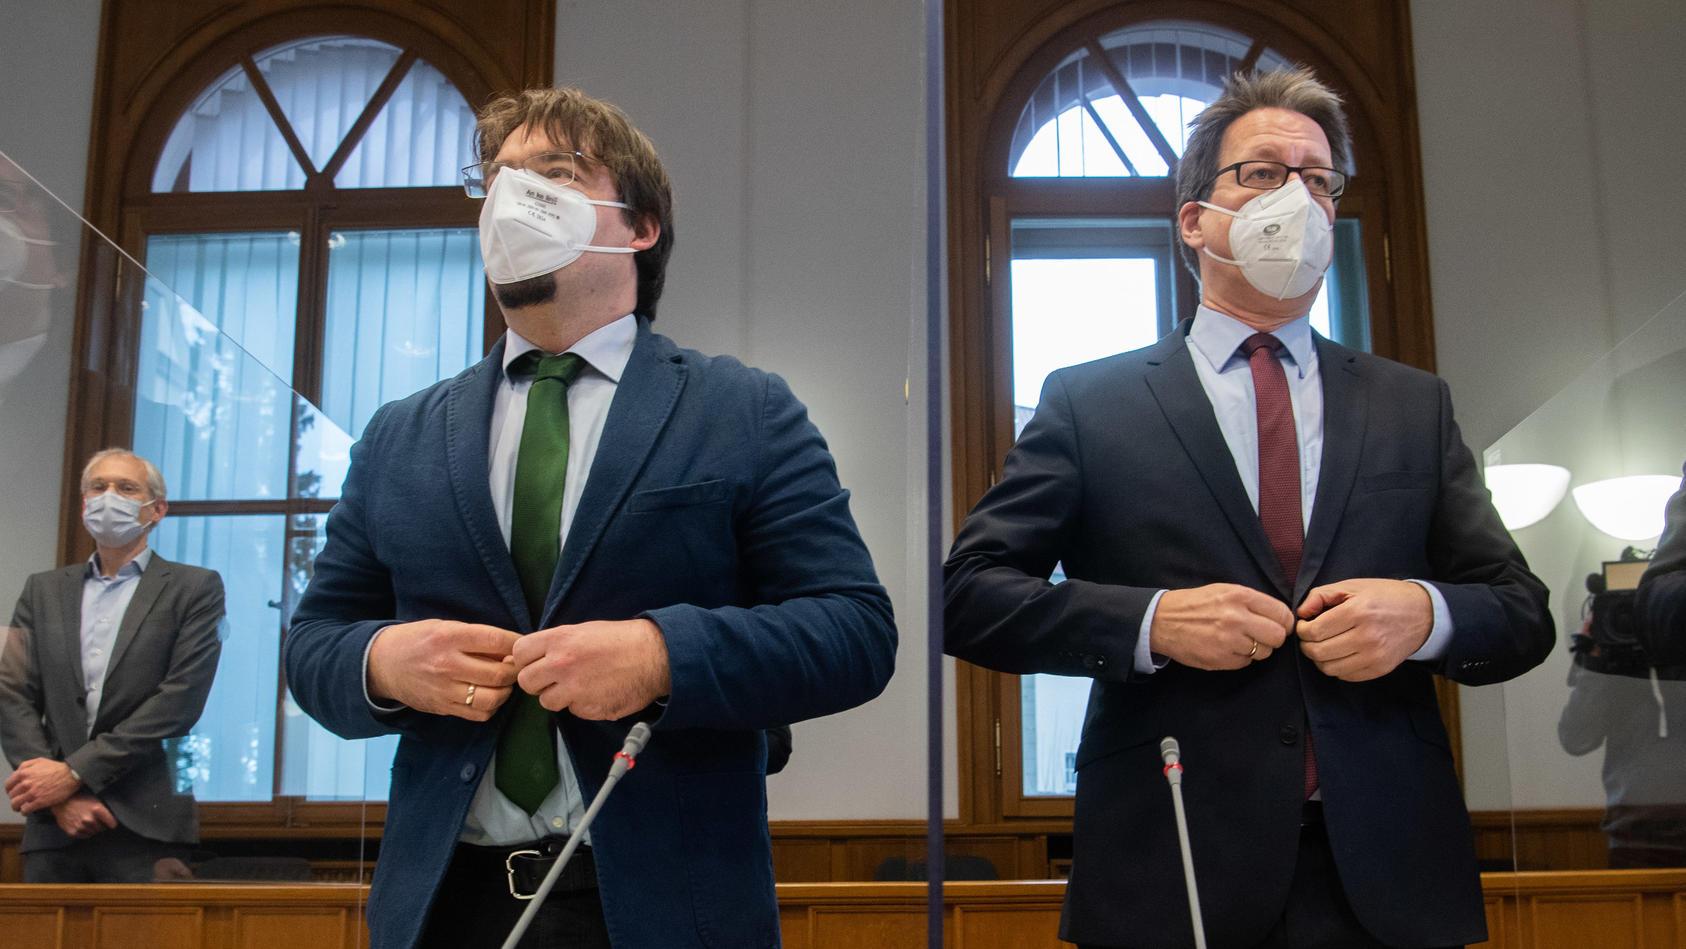 Niedersächsischer Staatsgerichtshof - Oppositionsklage